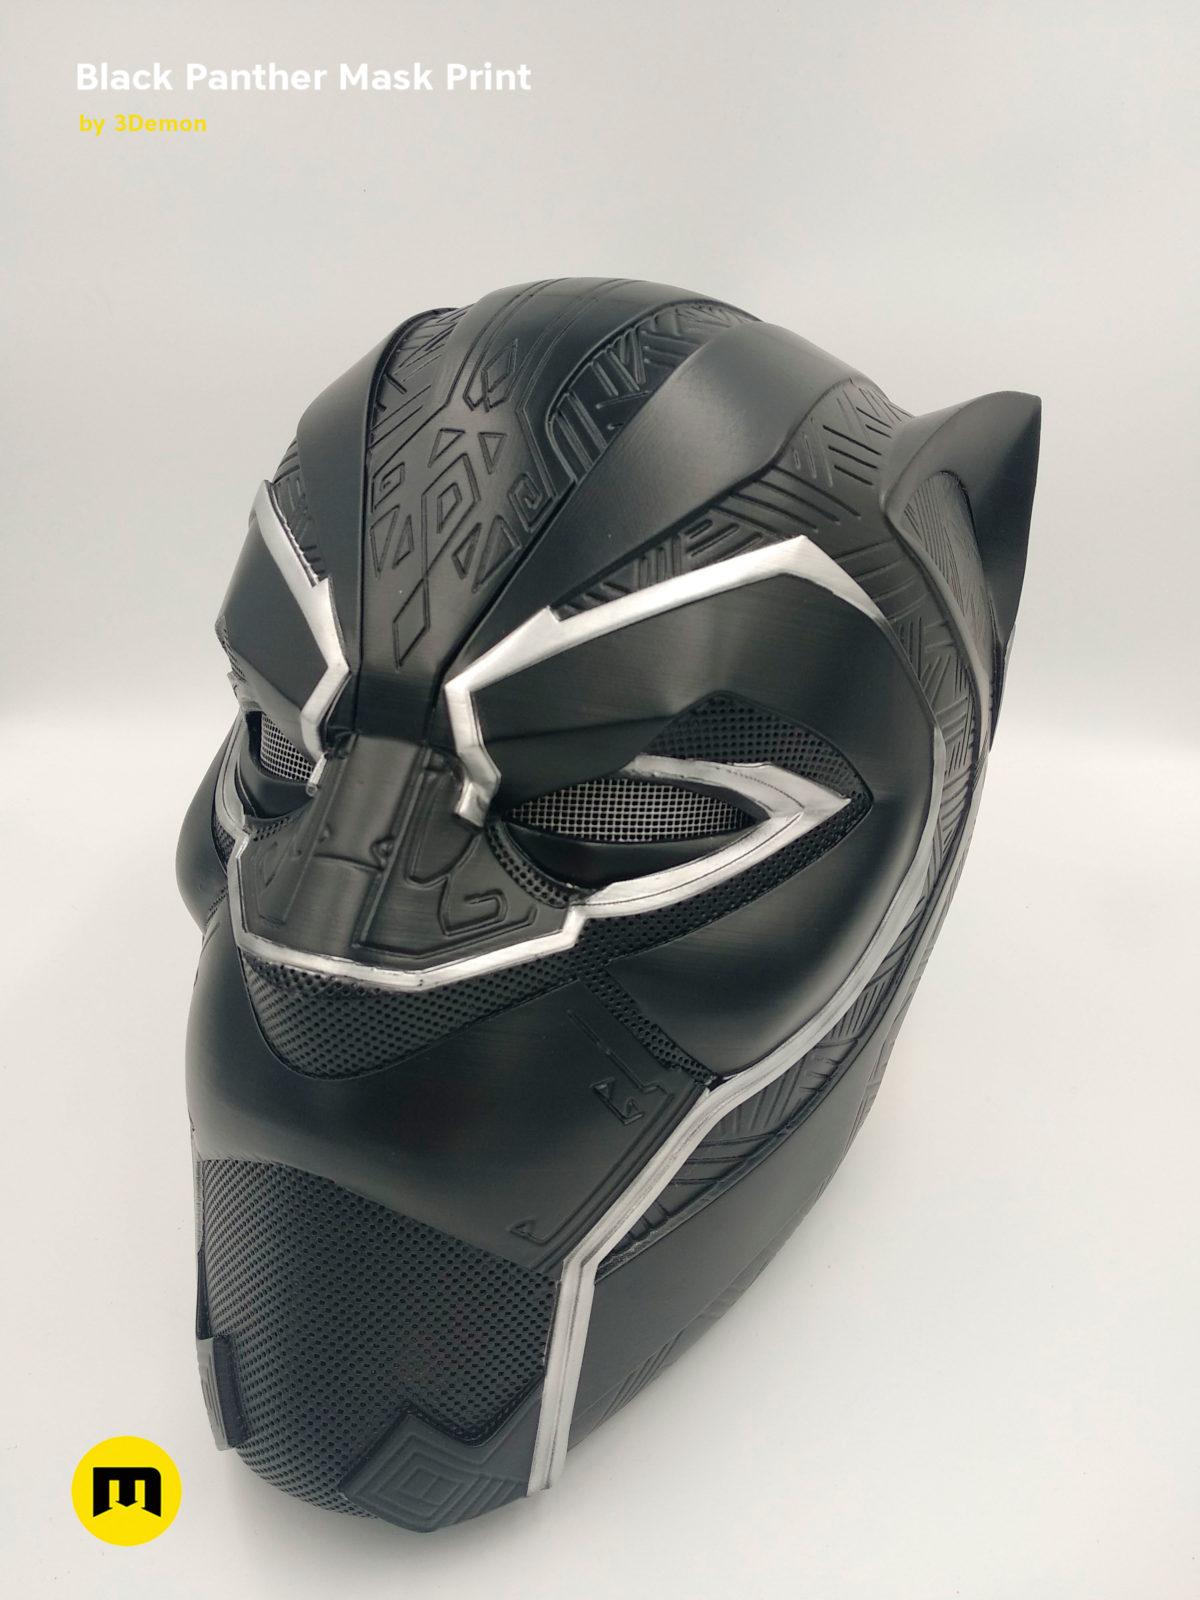 Black Panther Mask 3demon 3d Print Models Download